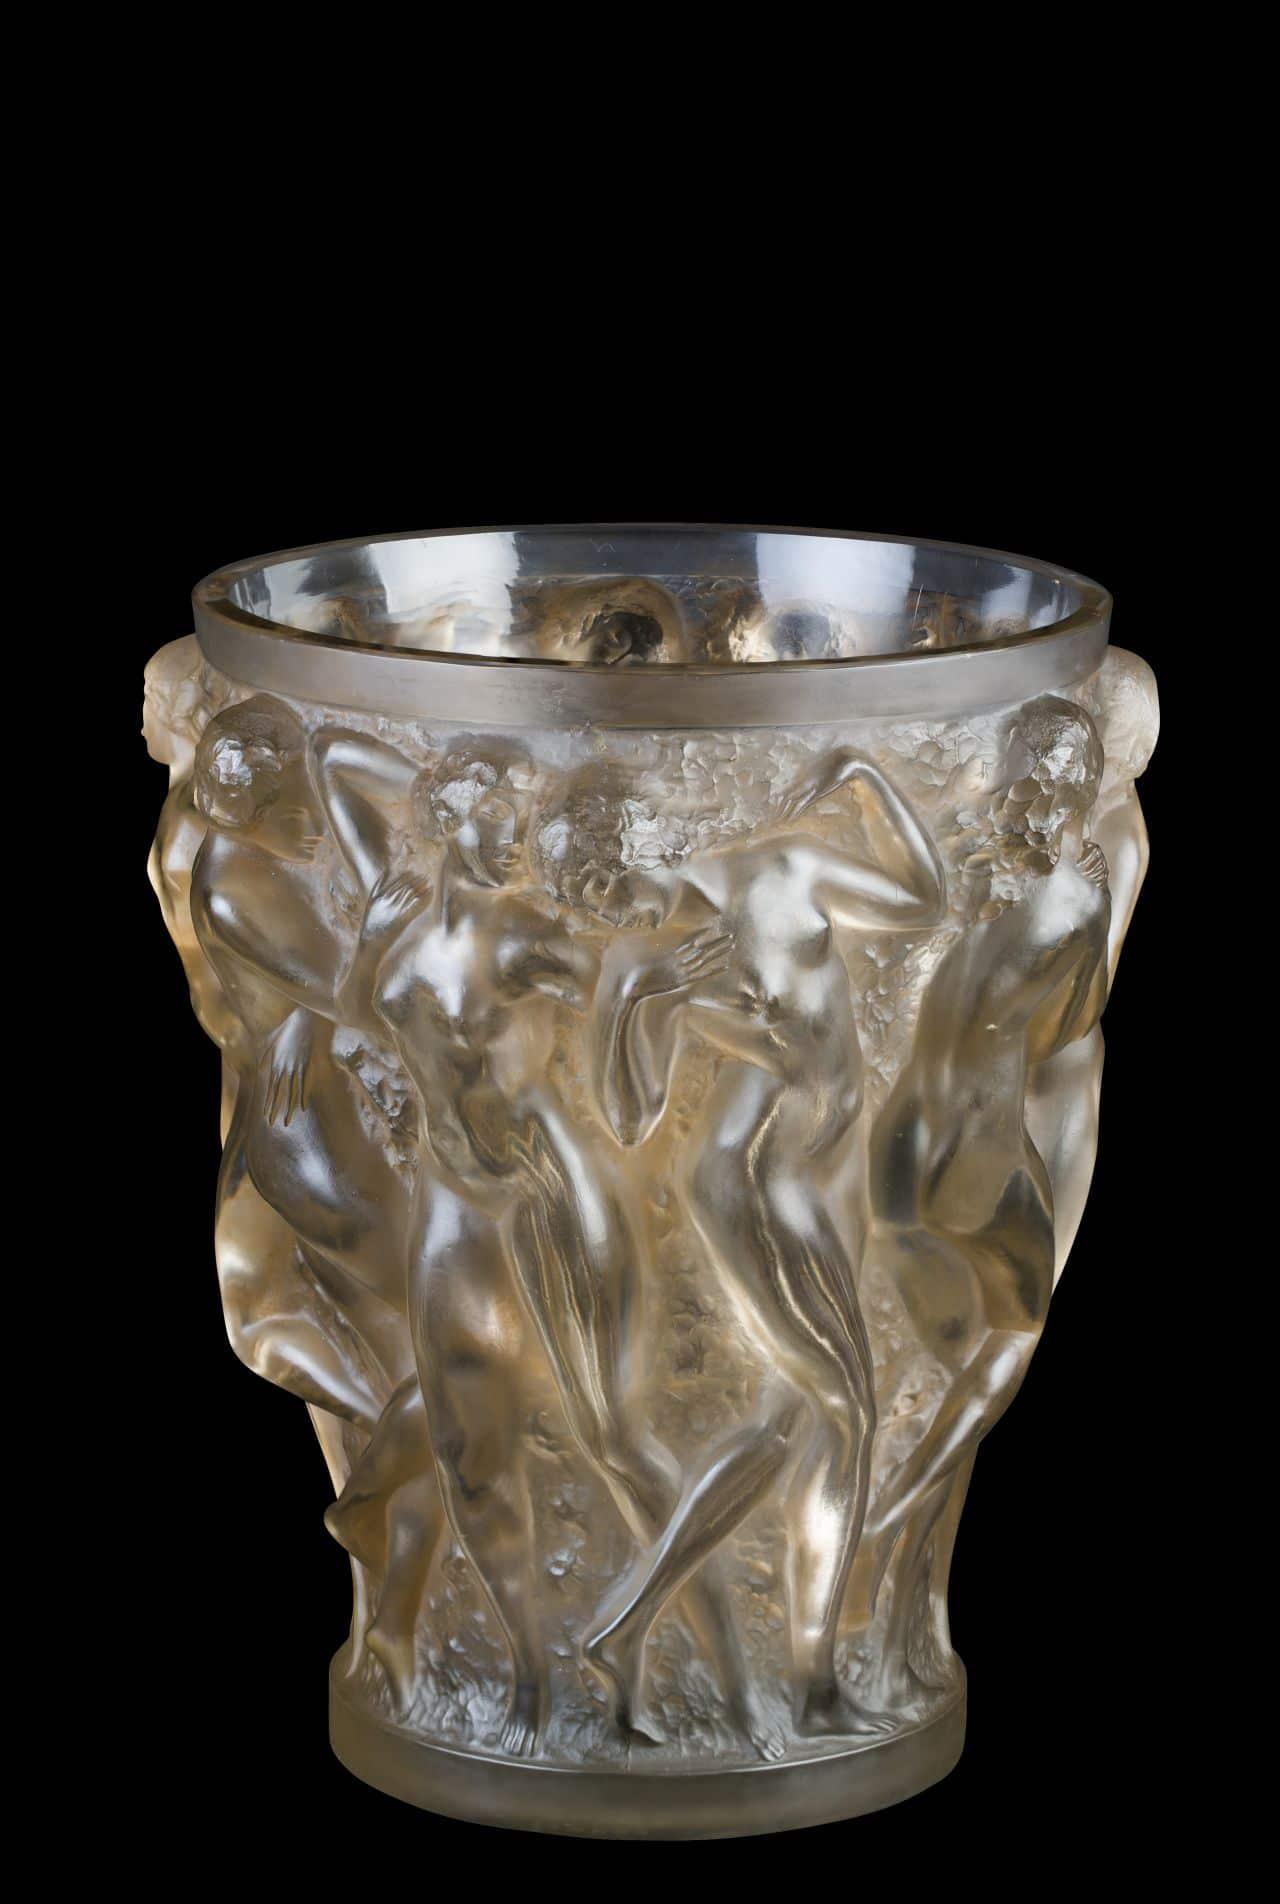 """Musée Lalique - Vase """"Bacchantes"""" © Karine Faby - Coll Musée Lalique (3)"""